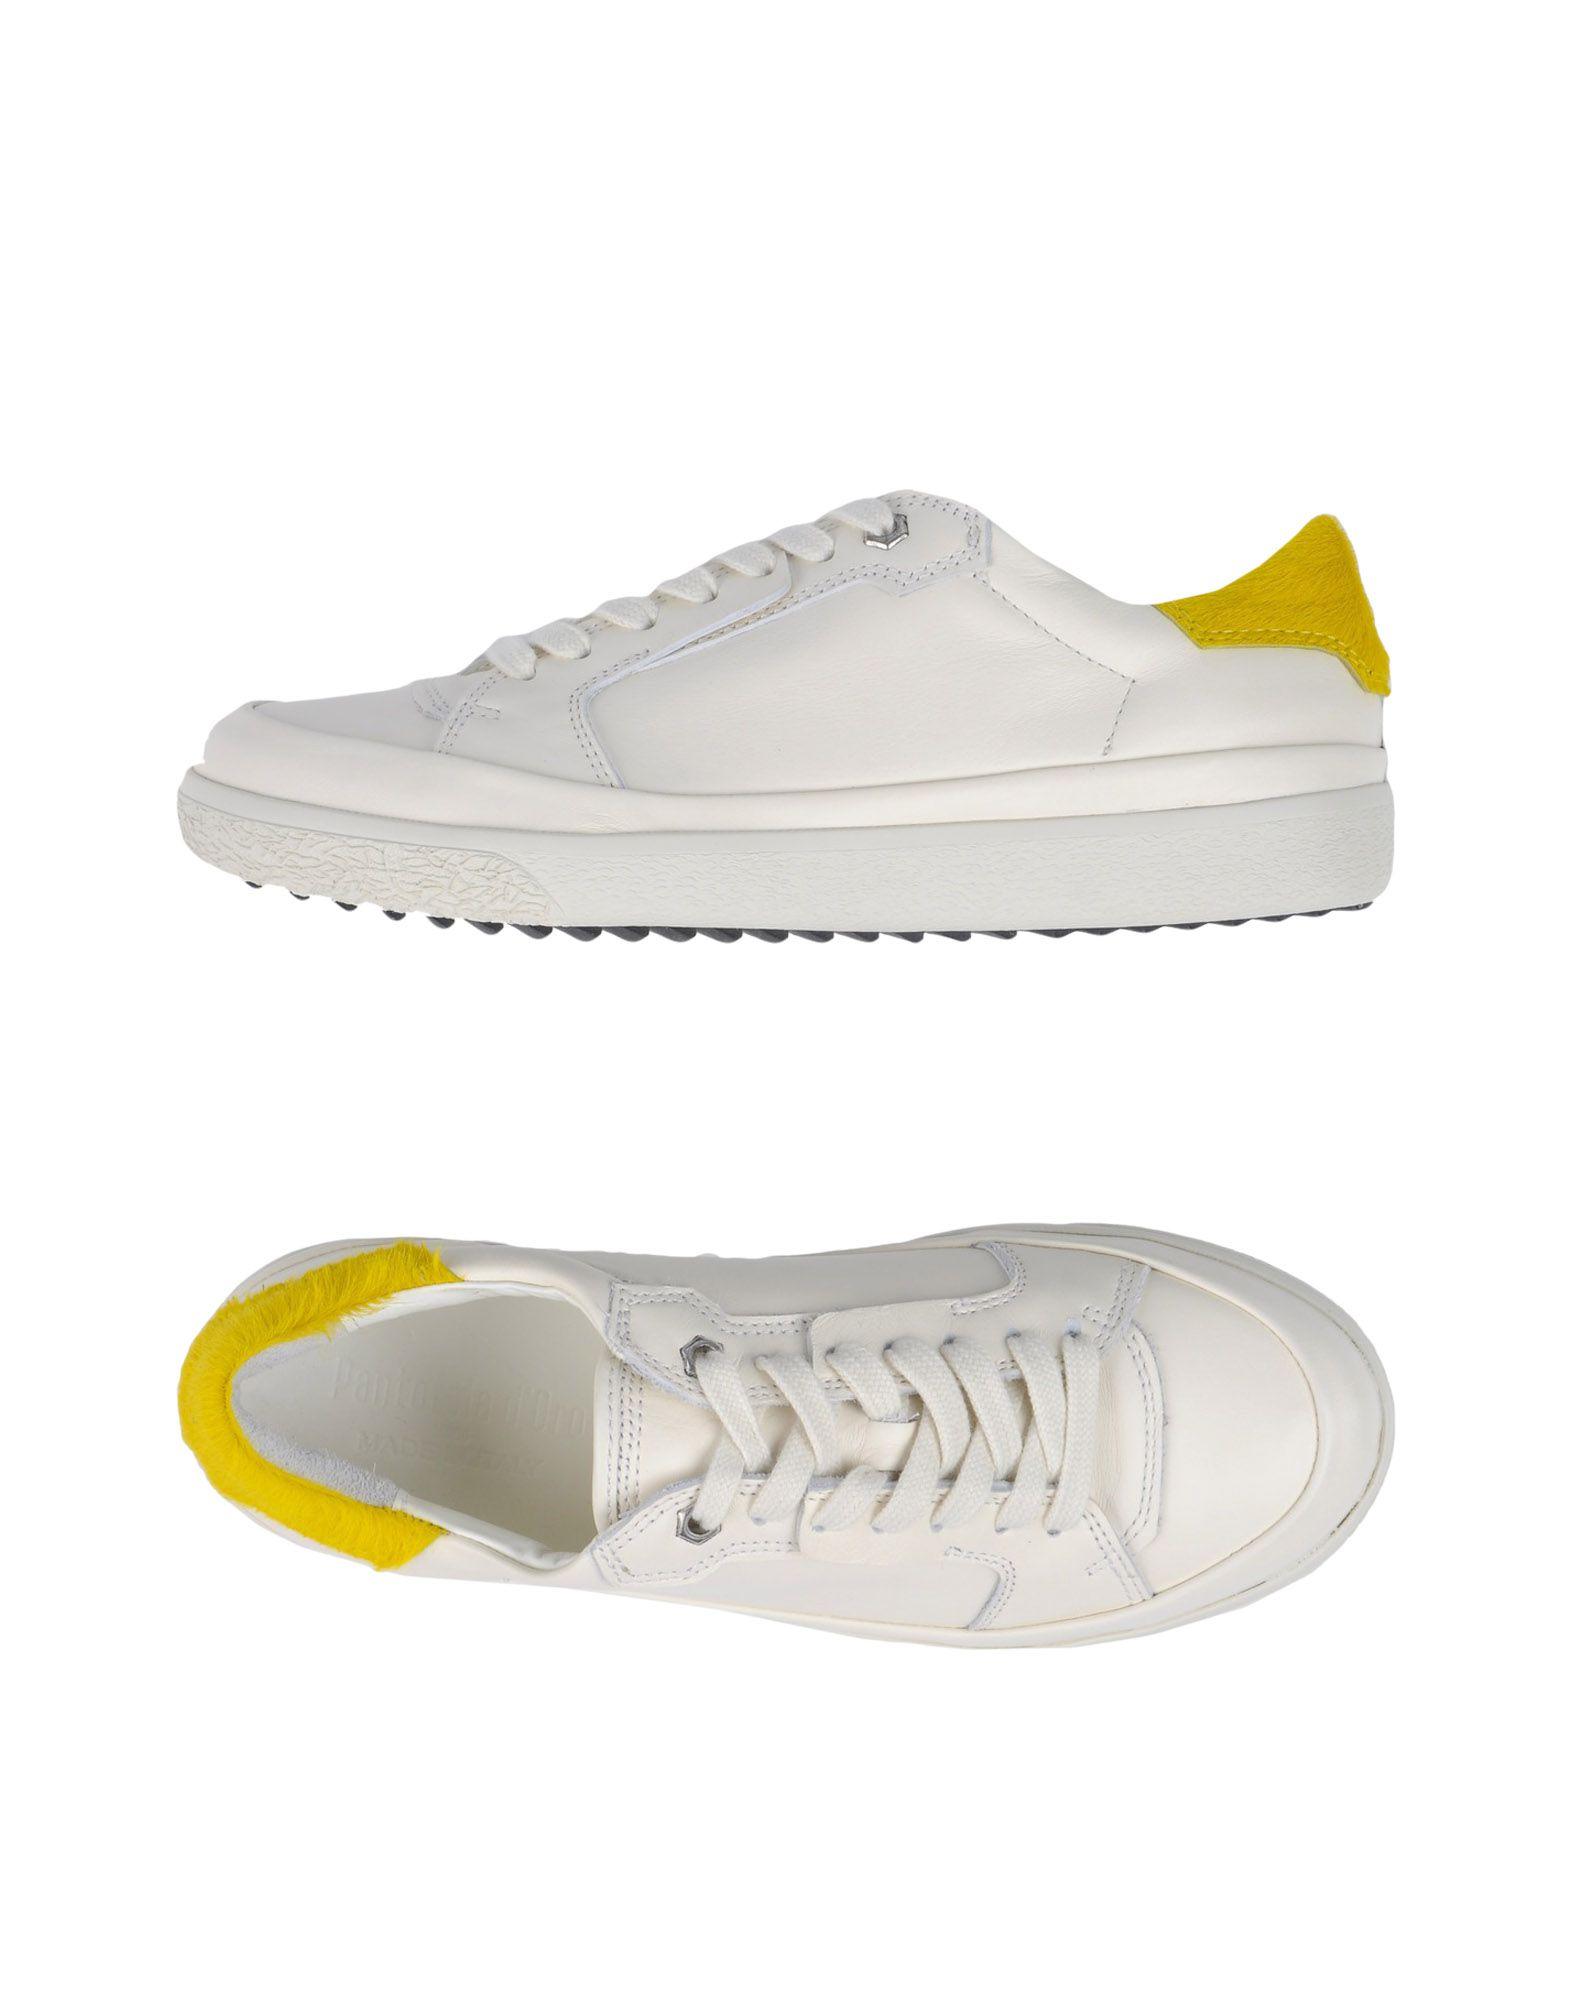 Pantofola D'oro Sneakers Damen  11353891RL Gute Qualität beliebte Schuhe